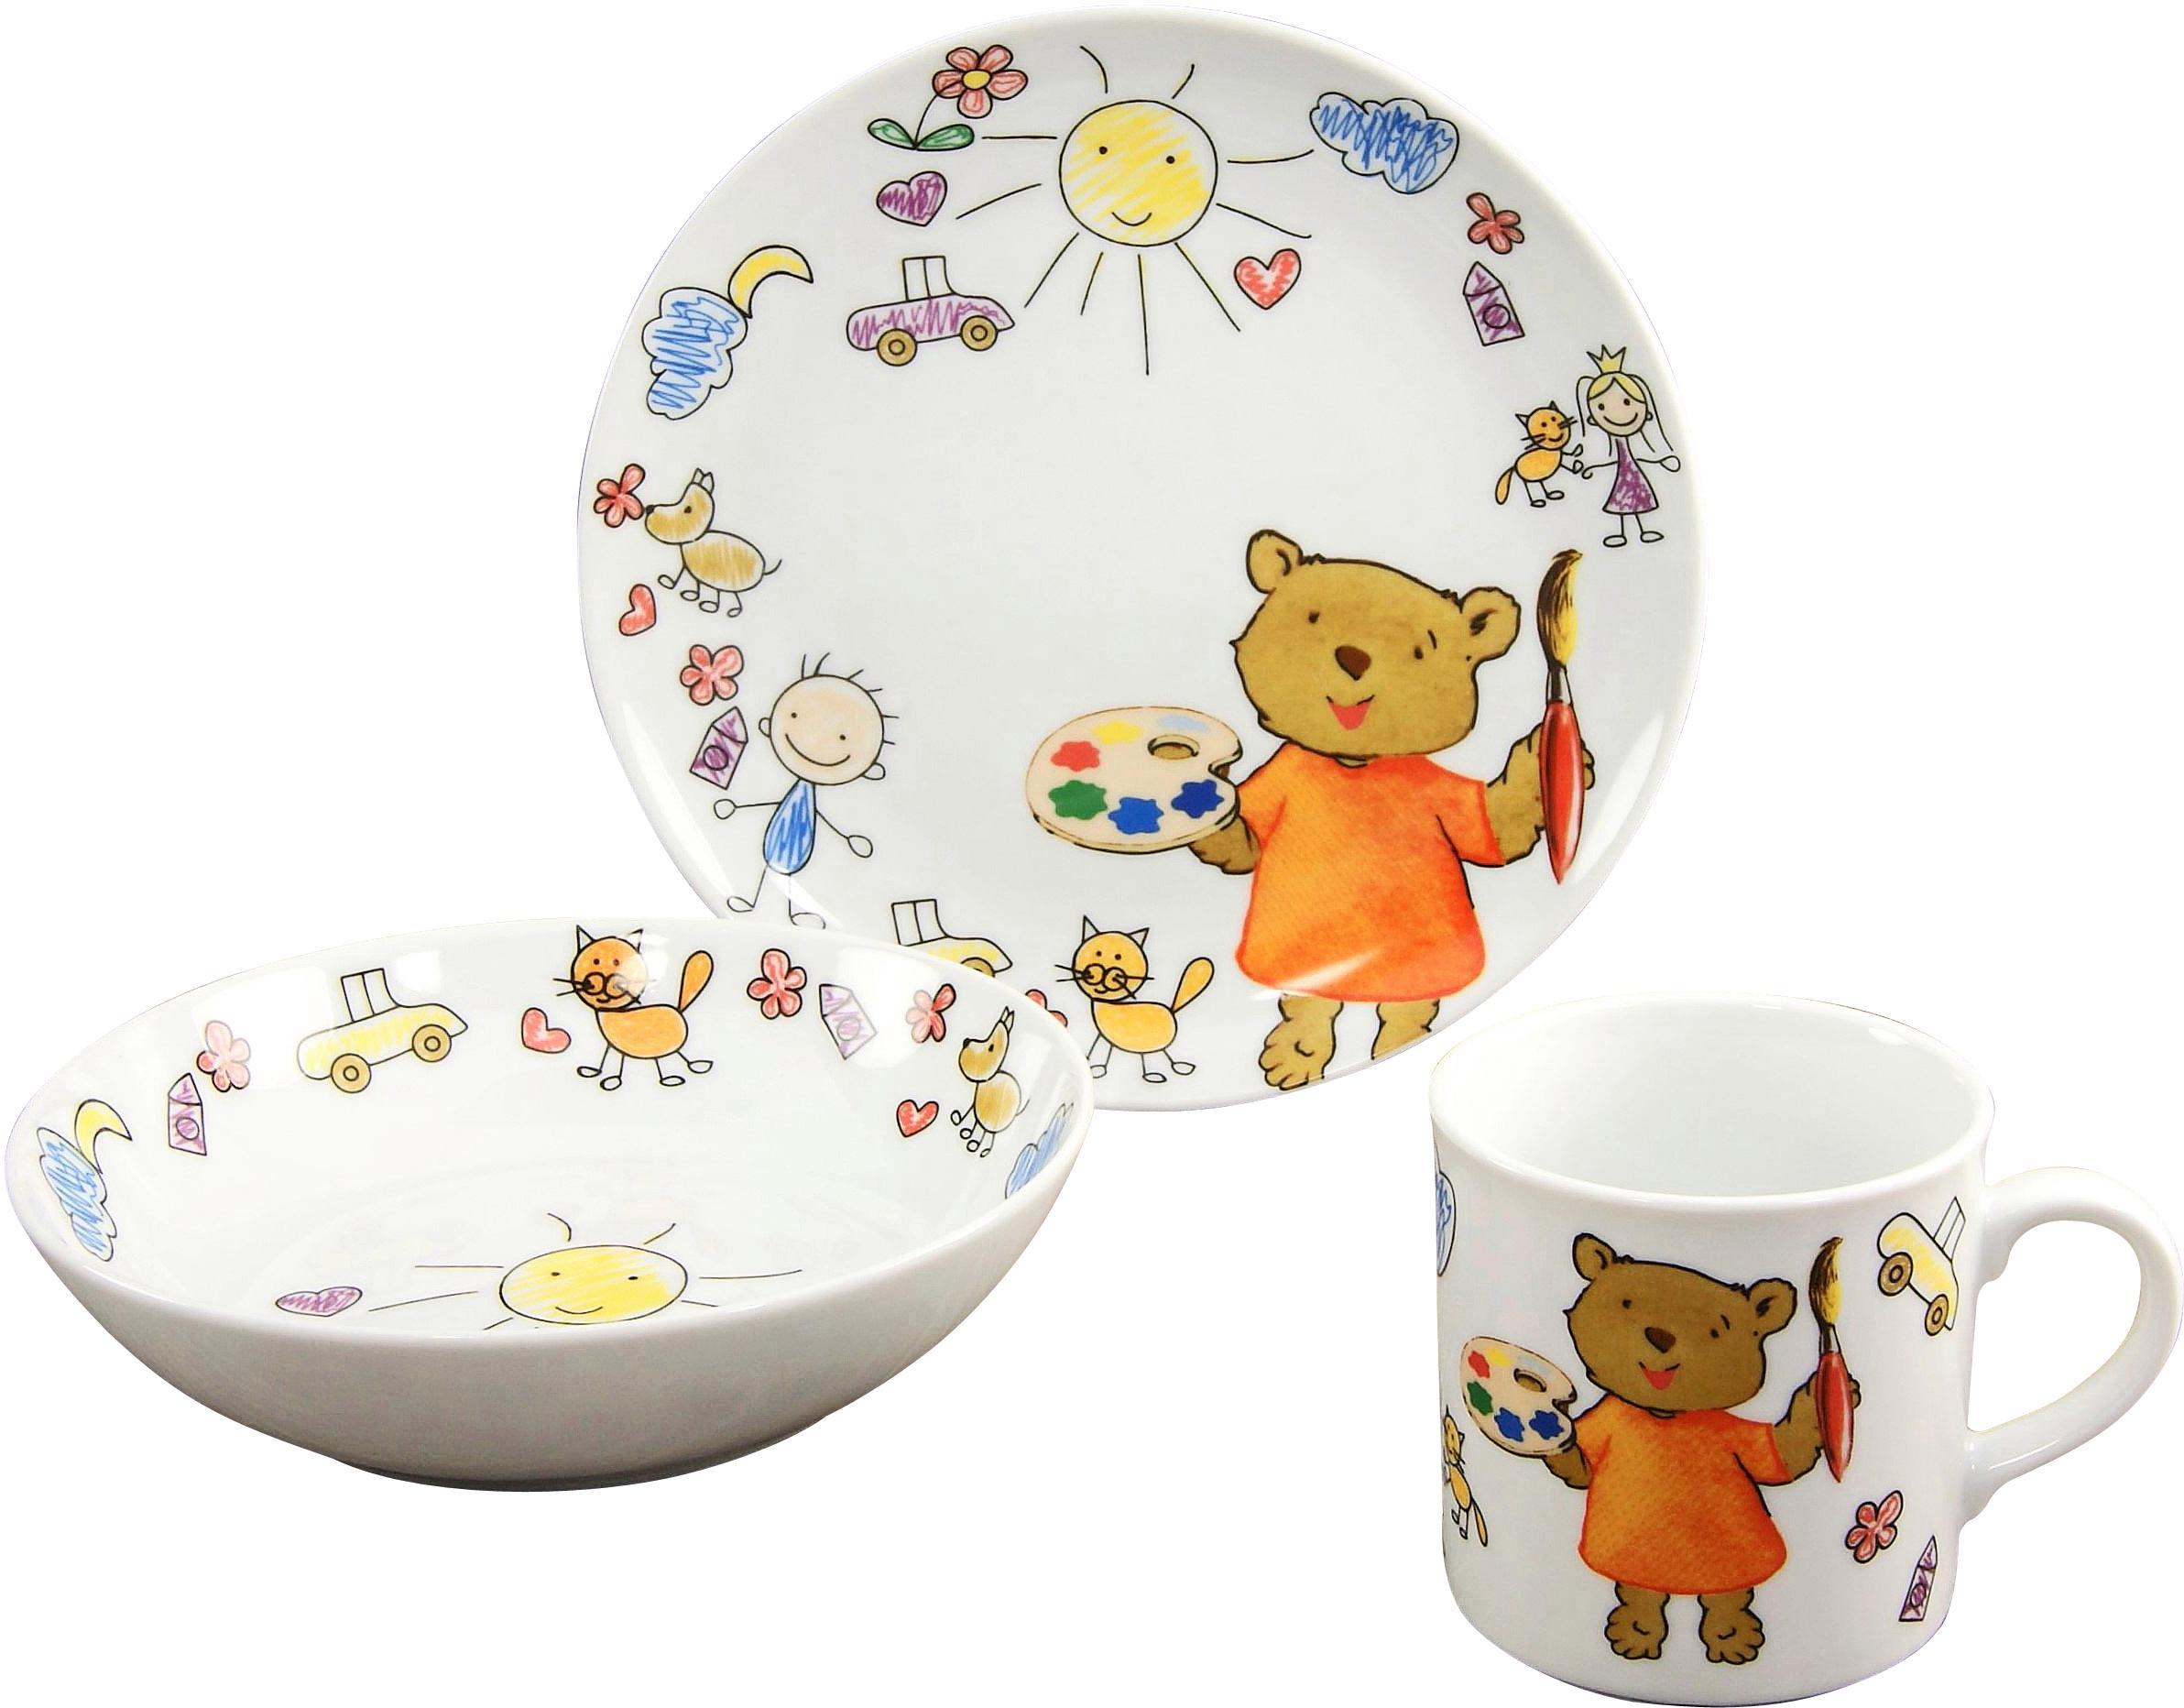 CreaTable Kindergeschirr-Set Teddy (3-tlg.), Porzellan weiß Kinder Kindergeschirr Geschirr, Tischaccessoires Haushaltswaren Geschirr-Sets